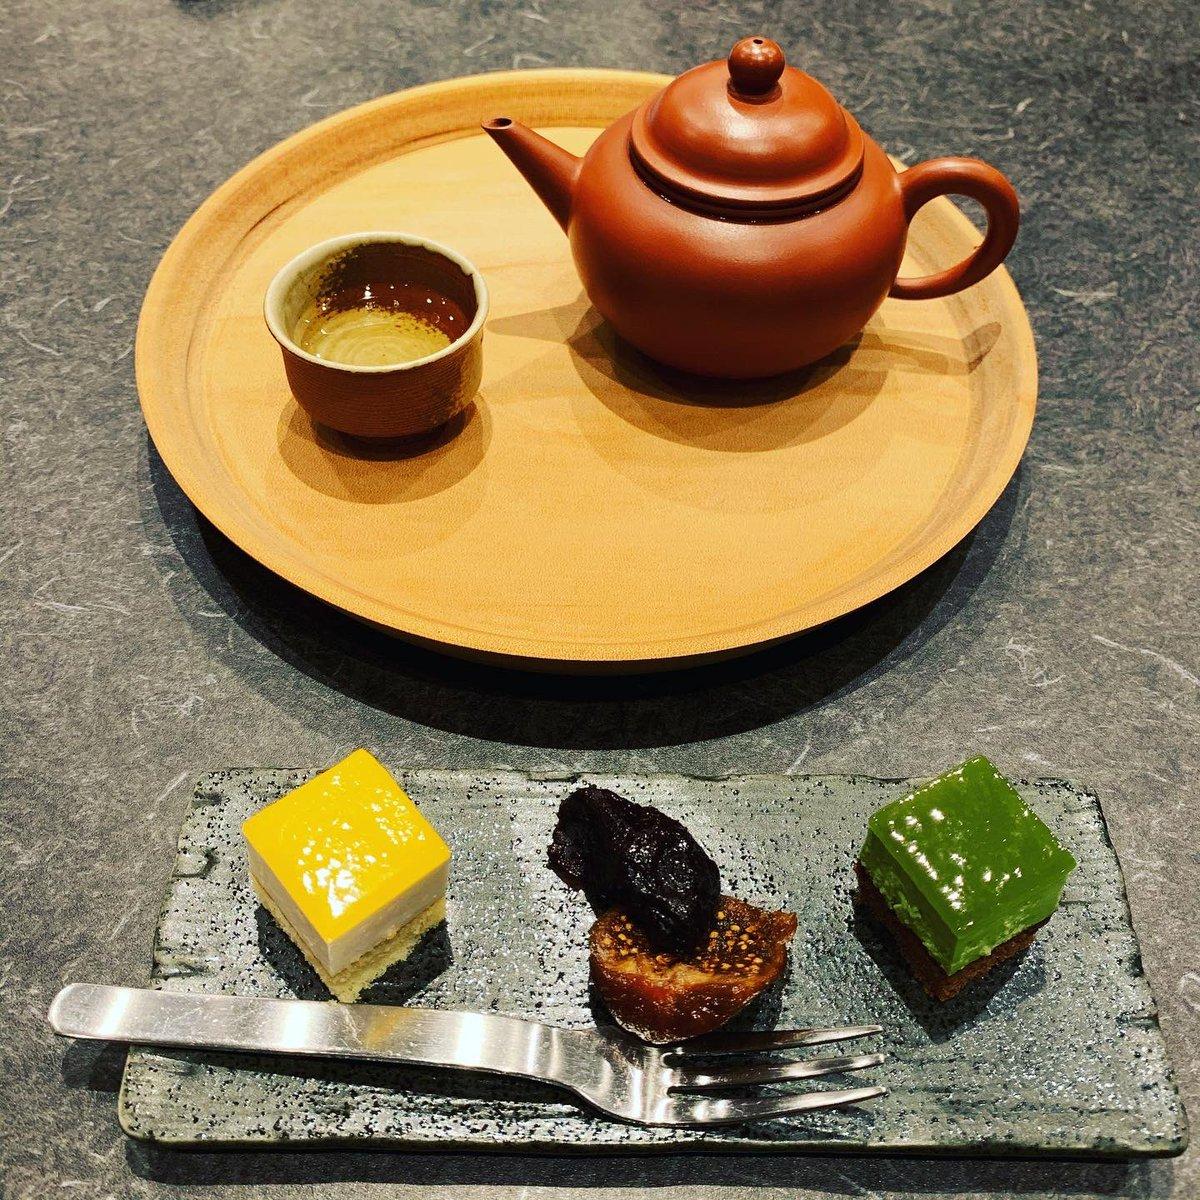 test ツイッターメディア - 台湾茶を楽しんできました 美味しかった❤️ https://t.co/mbzgfn1cRm